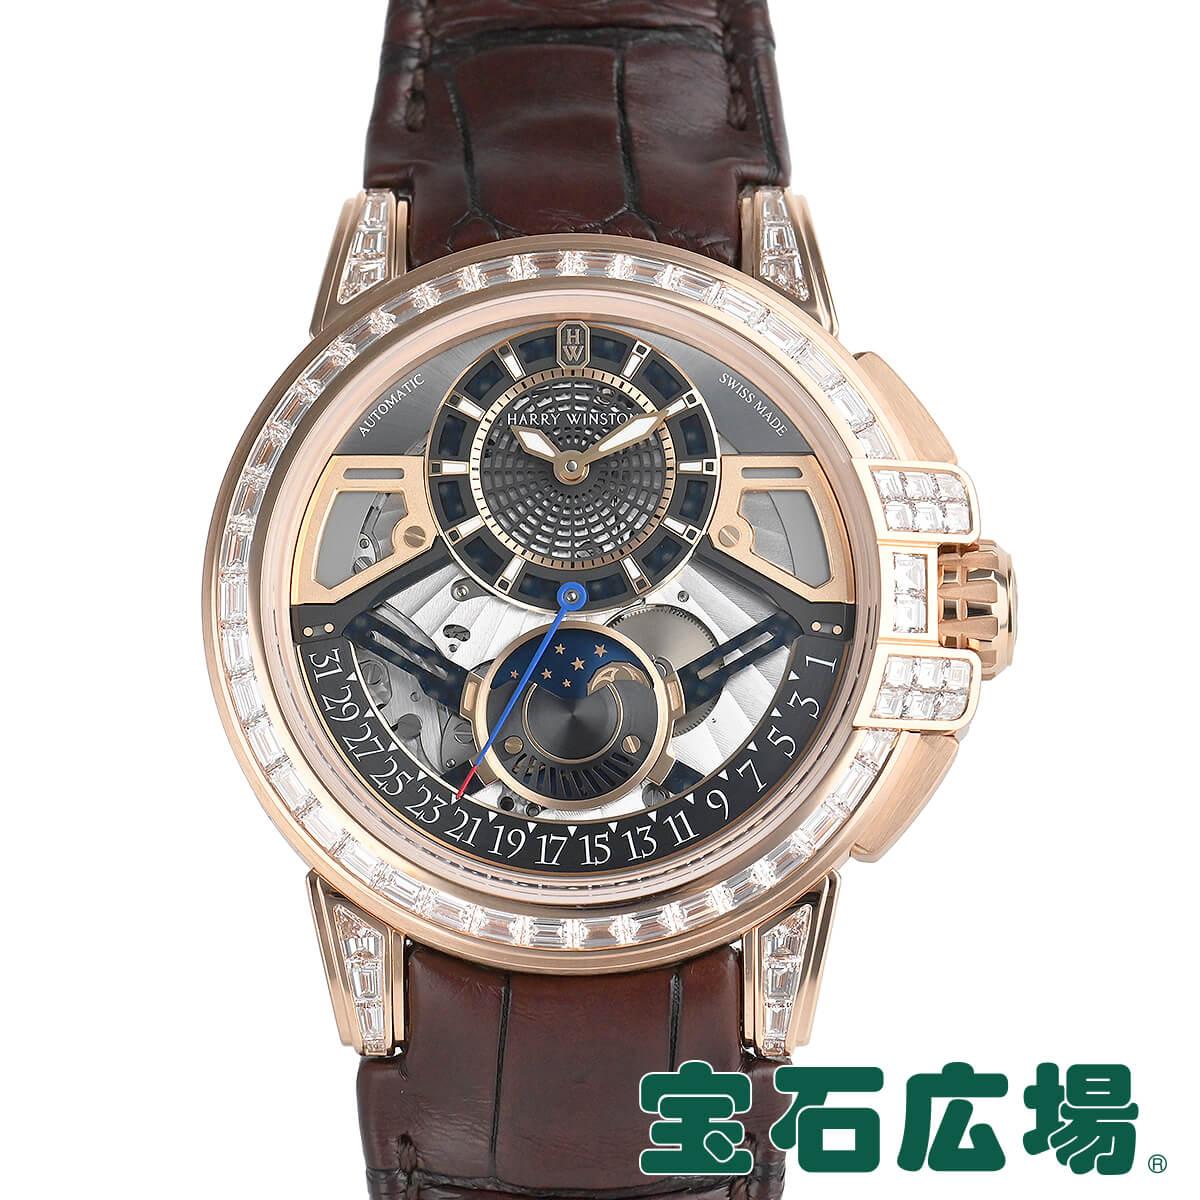 ハリー ウィンストン HARRY WINSTON オーシャン ムーンフェイズ オートマティック42mm 限定生産20本 OCEAMP42RR002【新品】メンズ 腕時計 送料無料